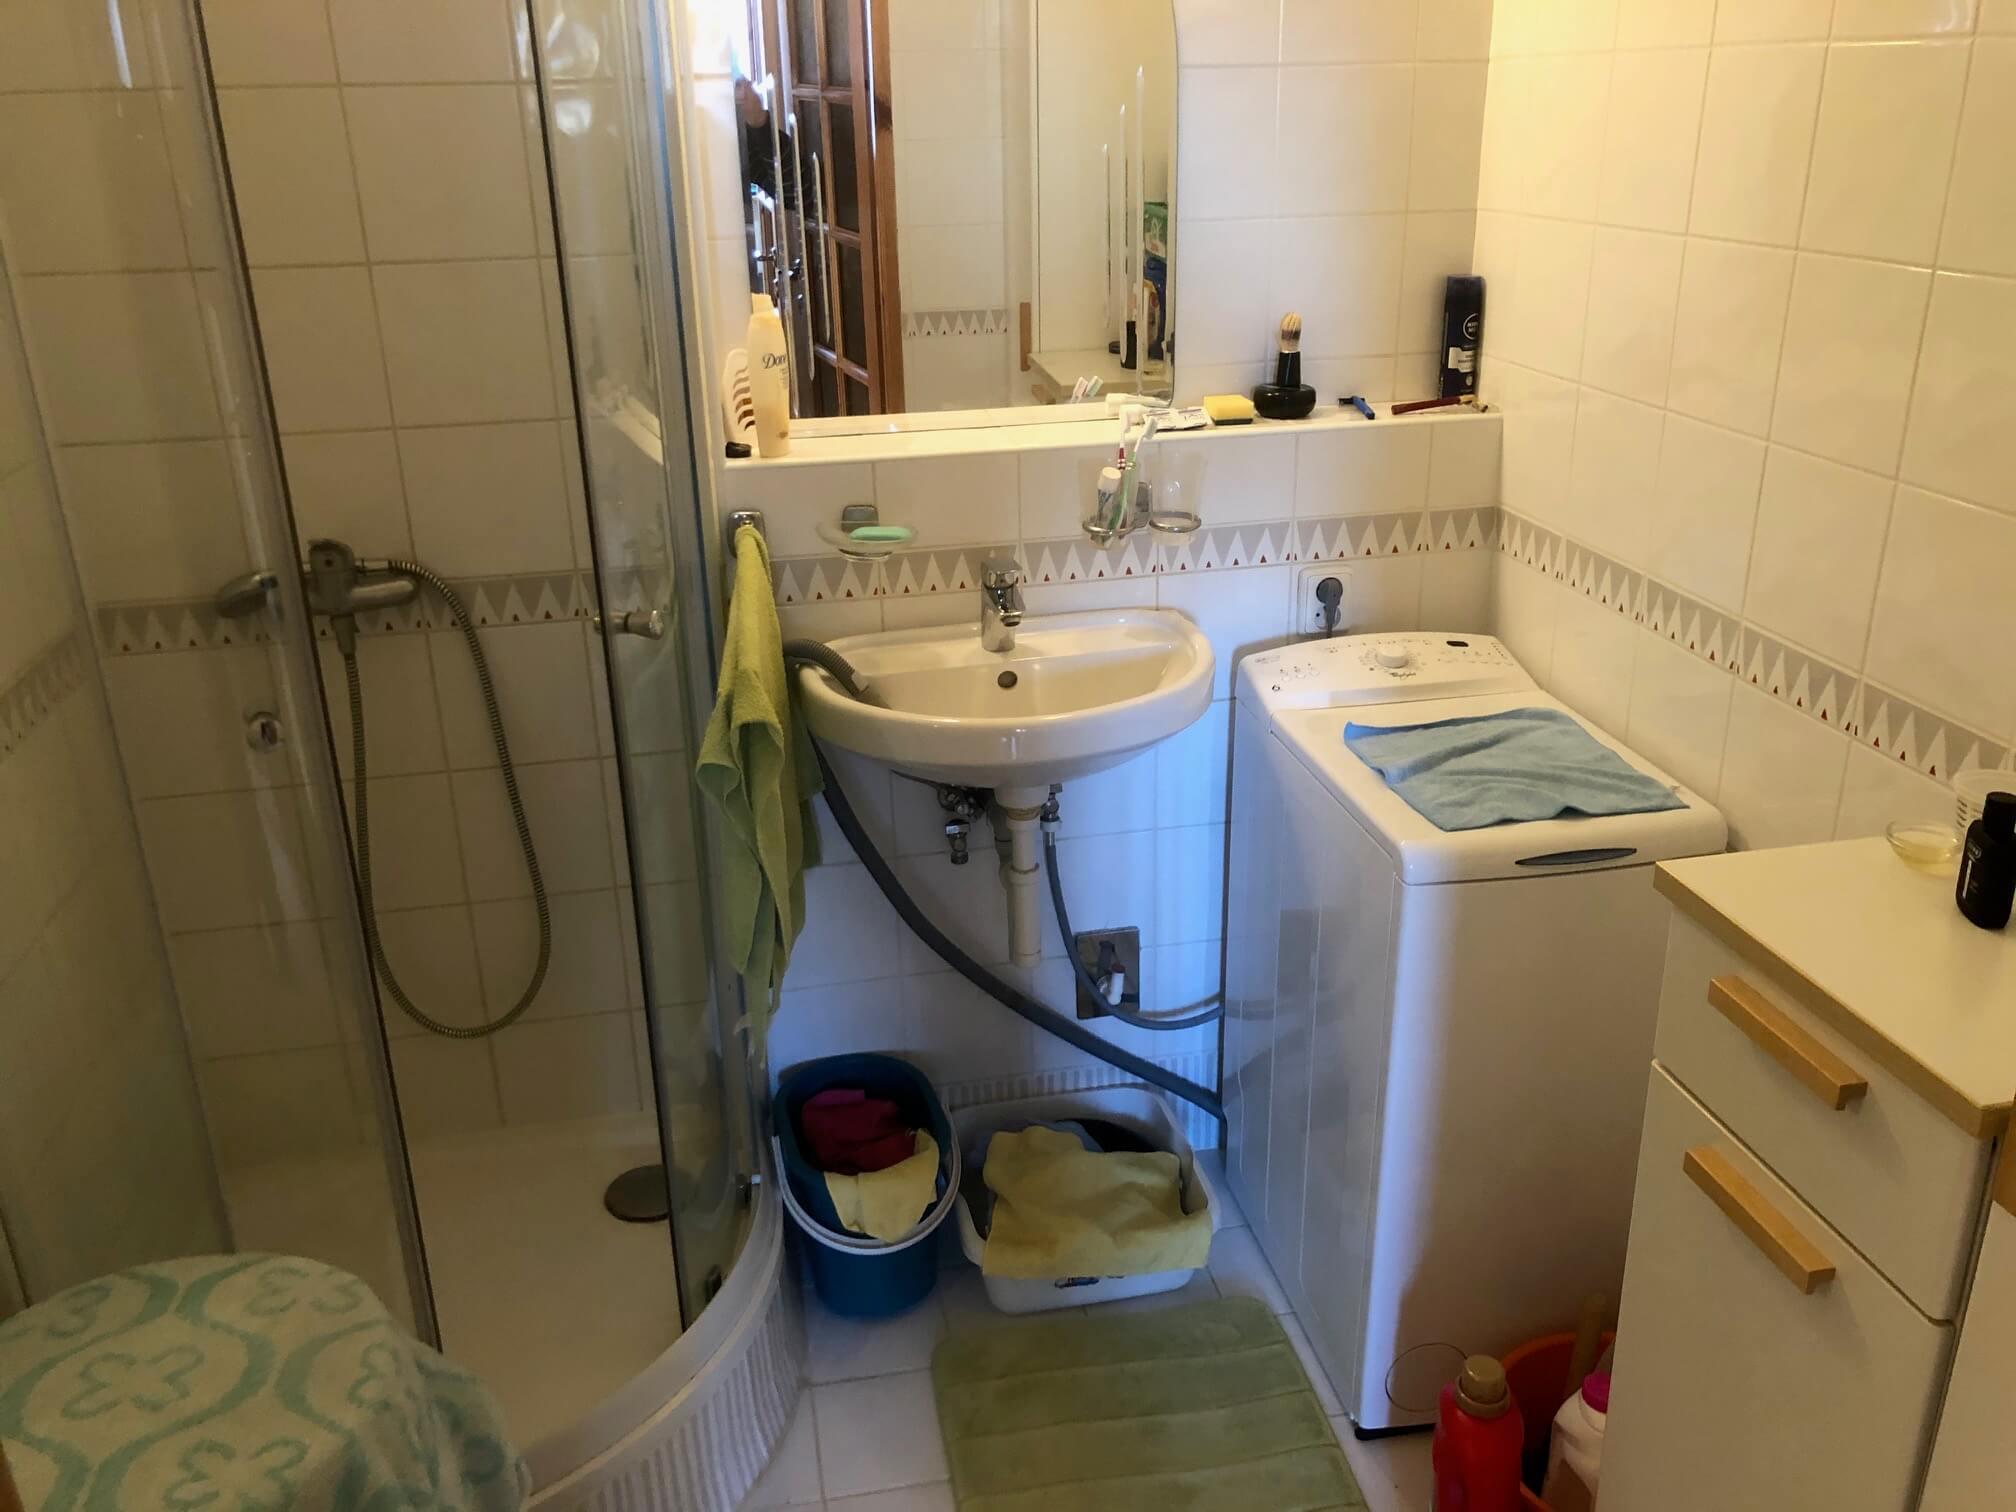 Predané: Exkluzívne na predaj 3 izbový byt, Devínska Nová Ves, Jána Poničana 3, 65m2, balkon 4m2,klimatizácia-24